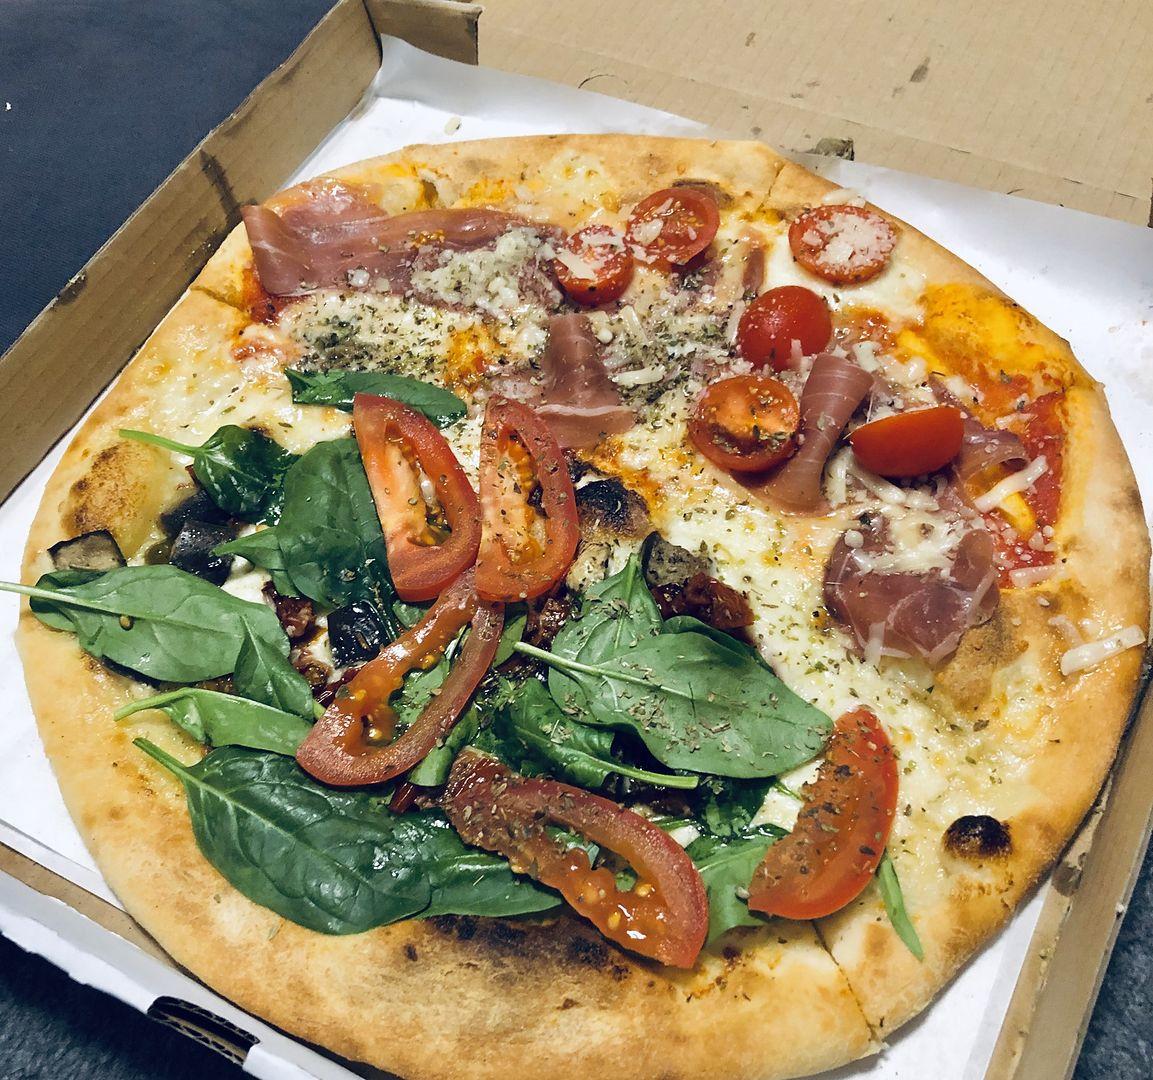 Koronawirus na pudełku z pizzą? Oto jak obchodzić się z jedzeniem zamawianym do domu